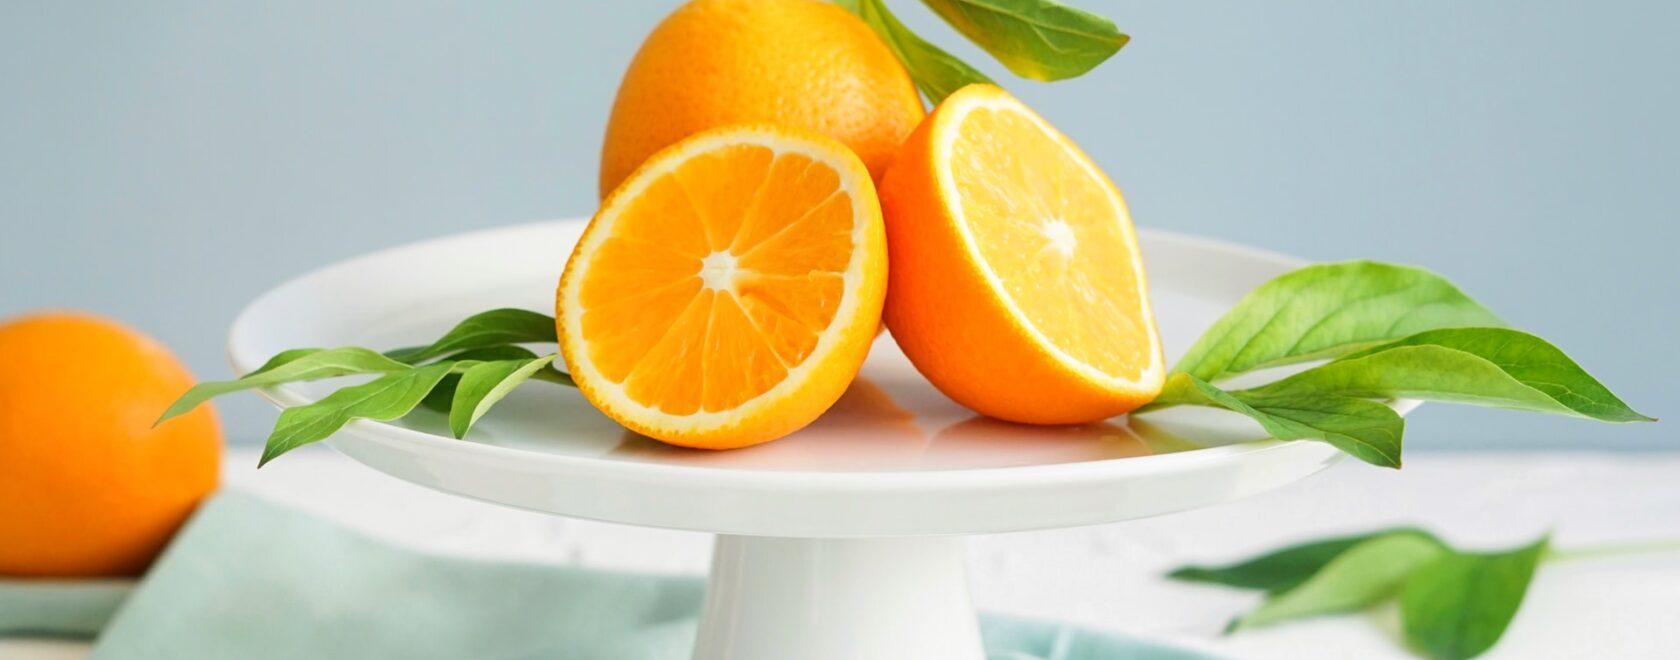 Ile witaminy c jest w pomarańczy